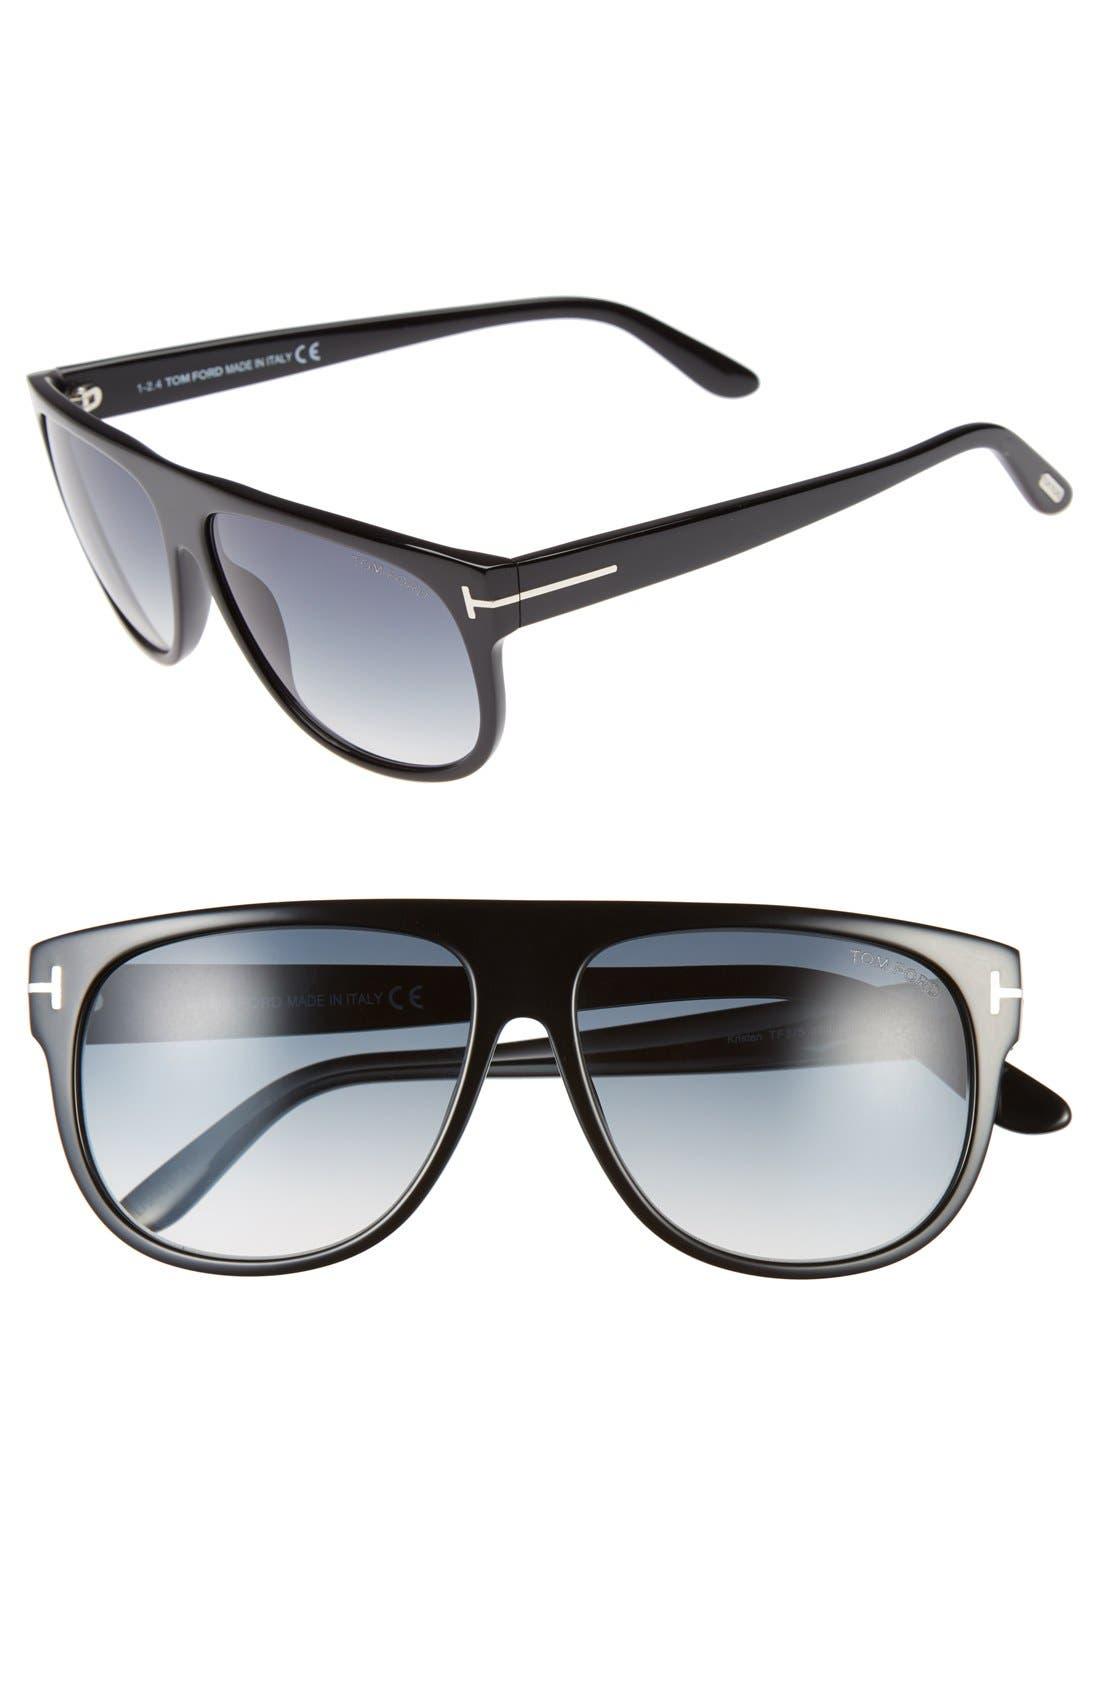 Tom Ford 'Kristen' 59mm Aviator Sunglasses